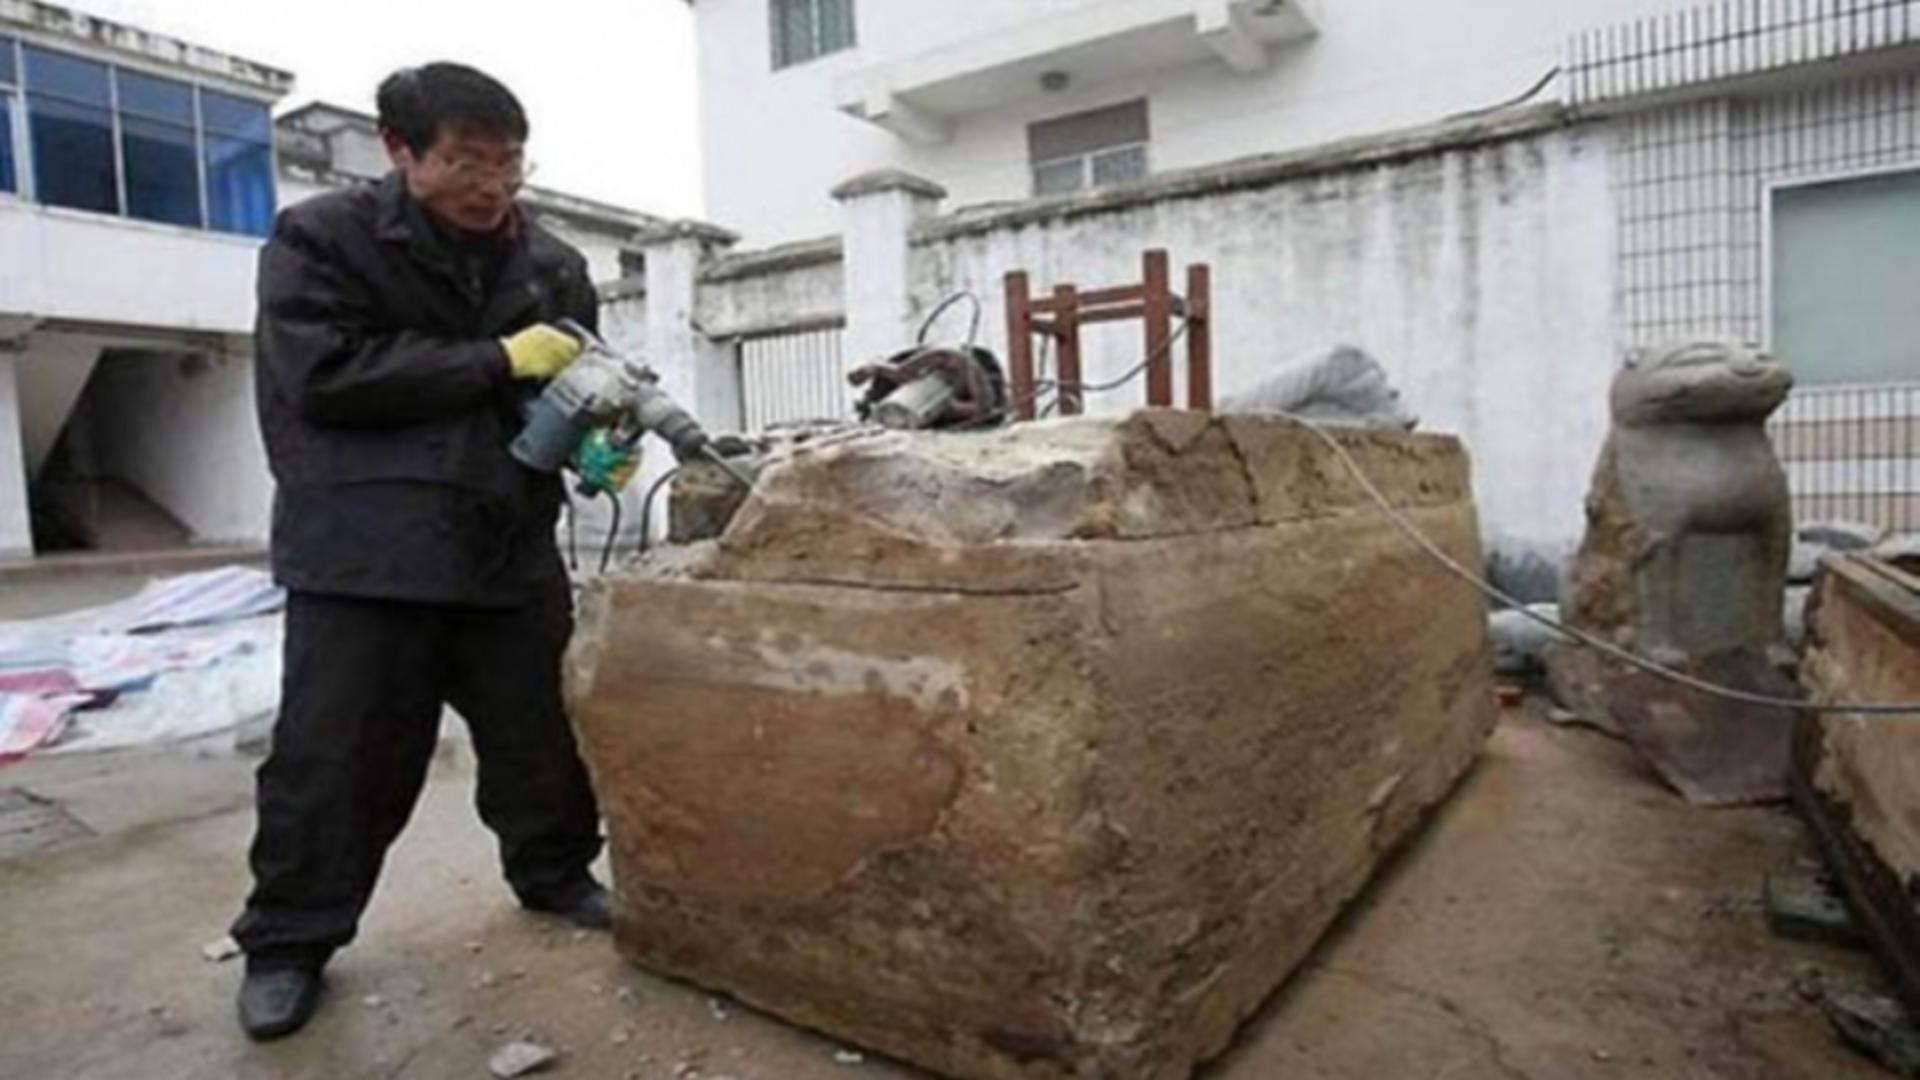 Muncitorii chinezi, care săpau la fundaţia unei case, au găsit sub pământ o cutie mare